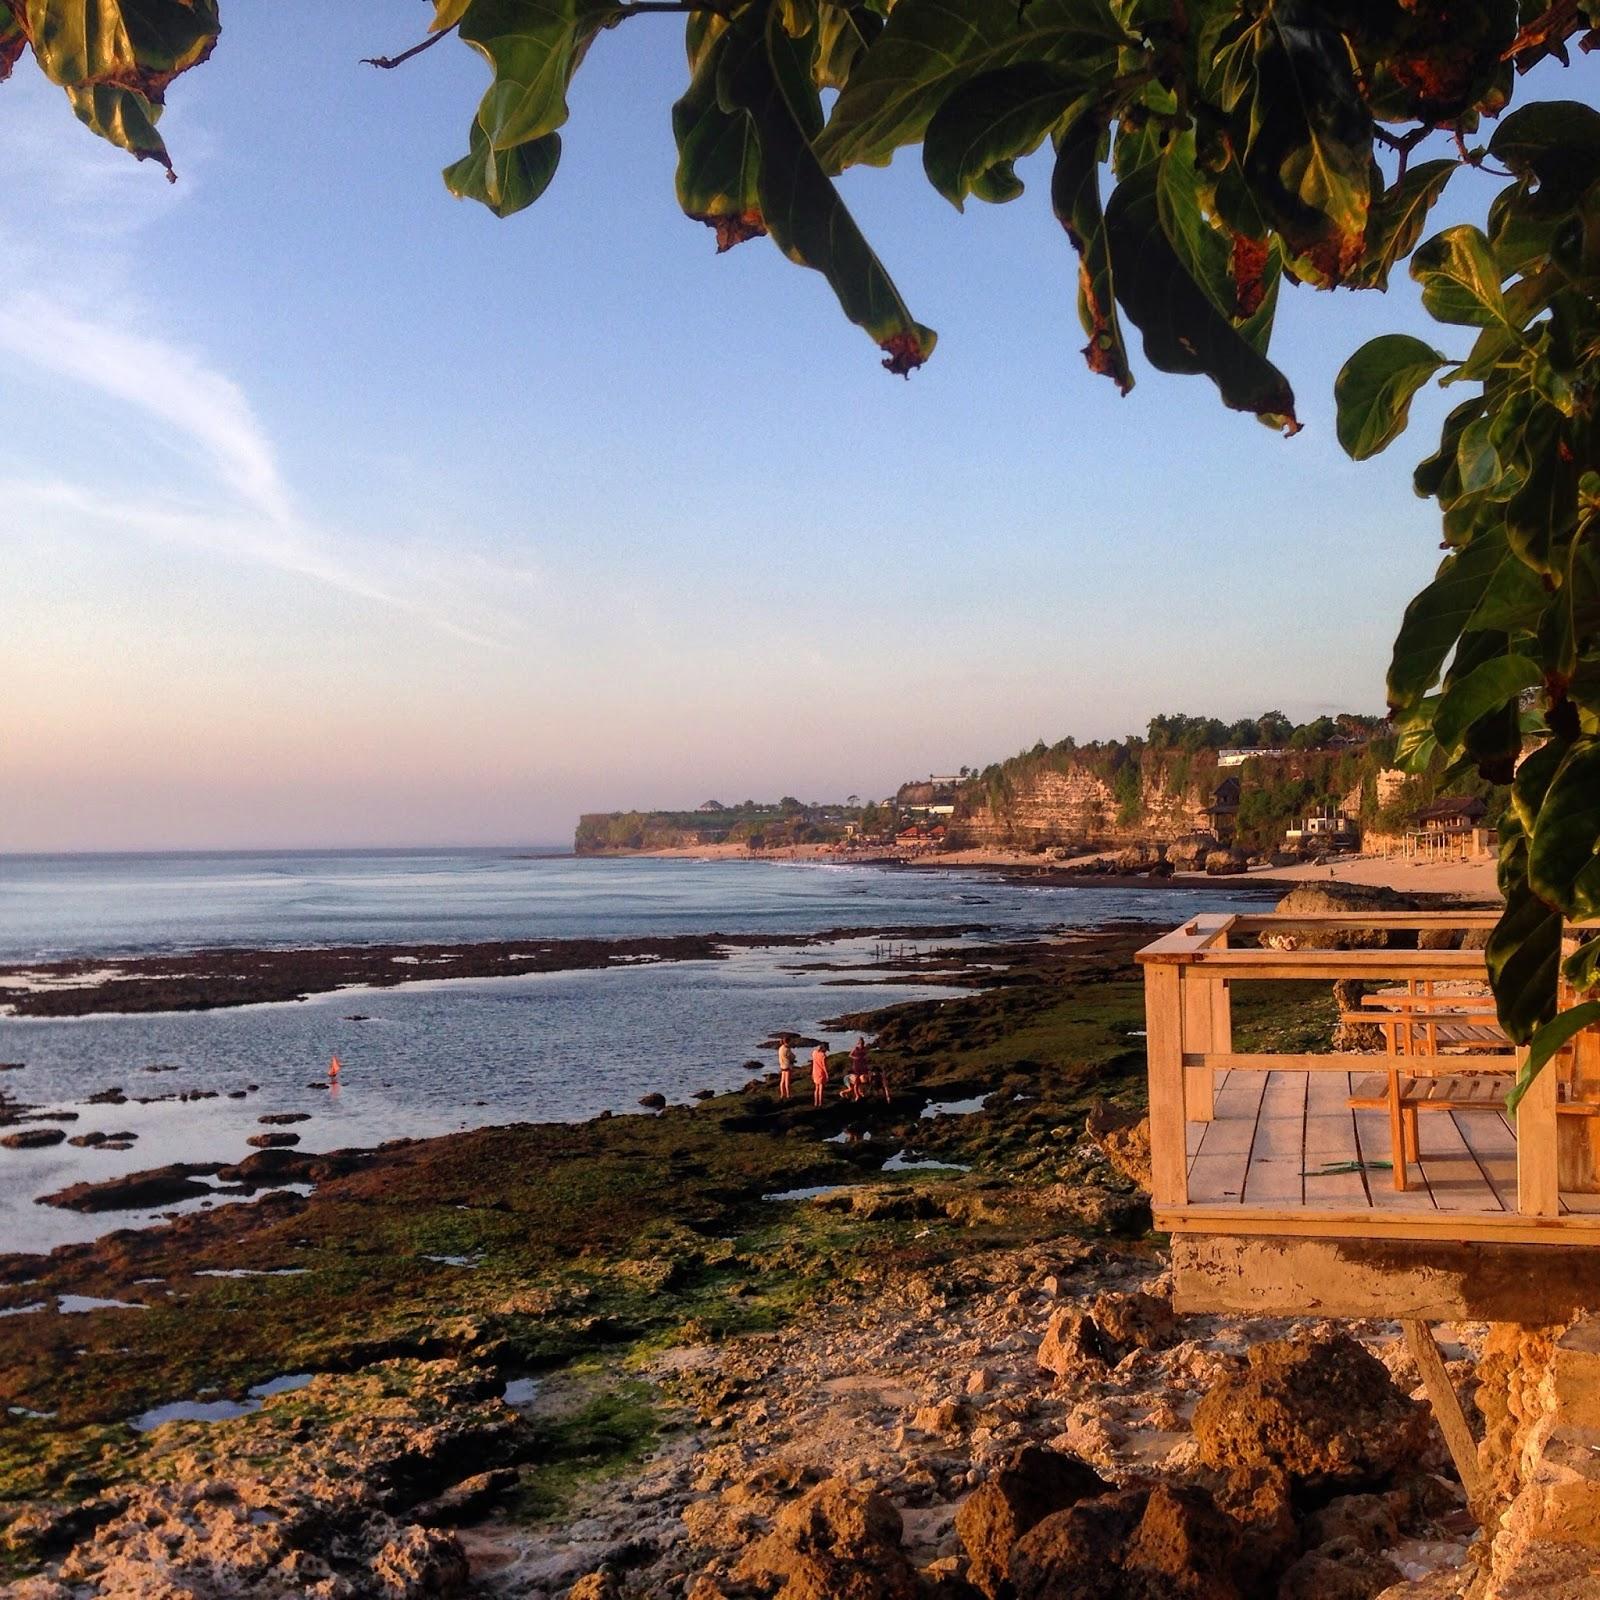 bali offre tantissimo ai turisti, dall'artistica ubud, alla chic Seminyak, alla vita frenetica di Kuta, vi consiglio Jungle Fish, Potato Head